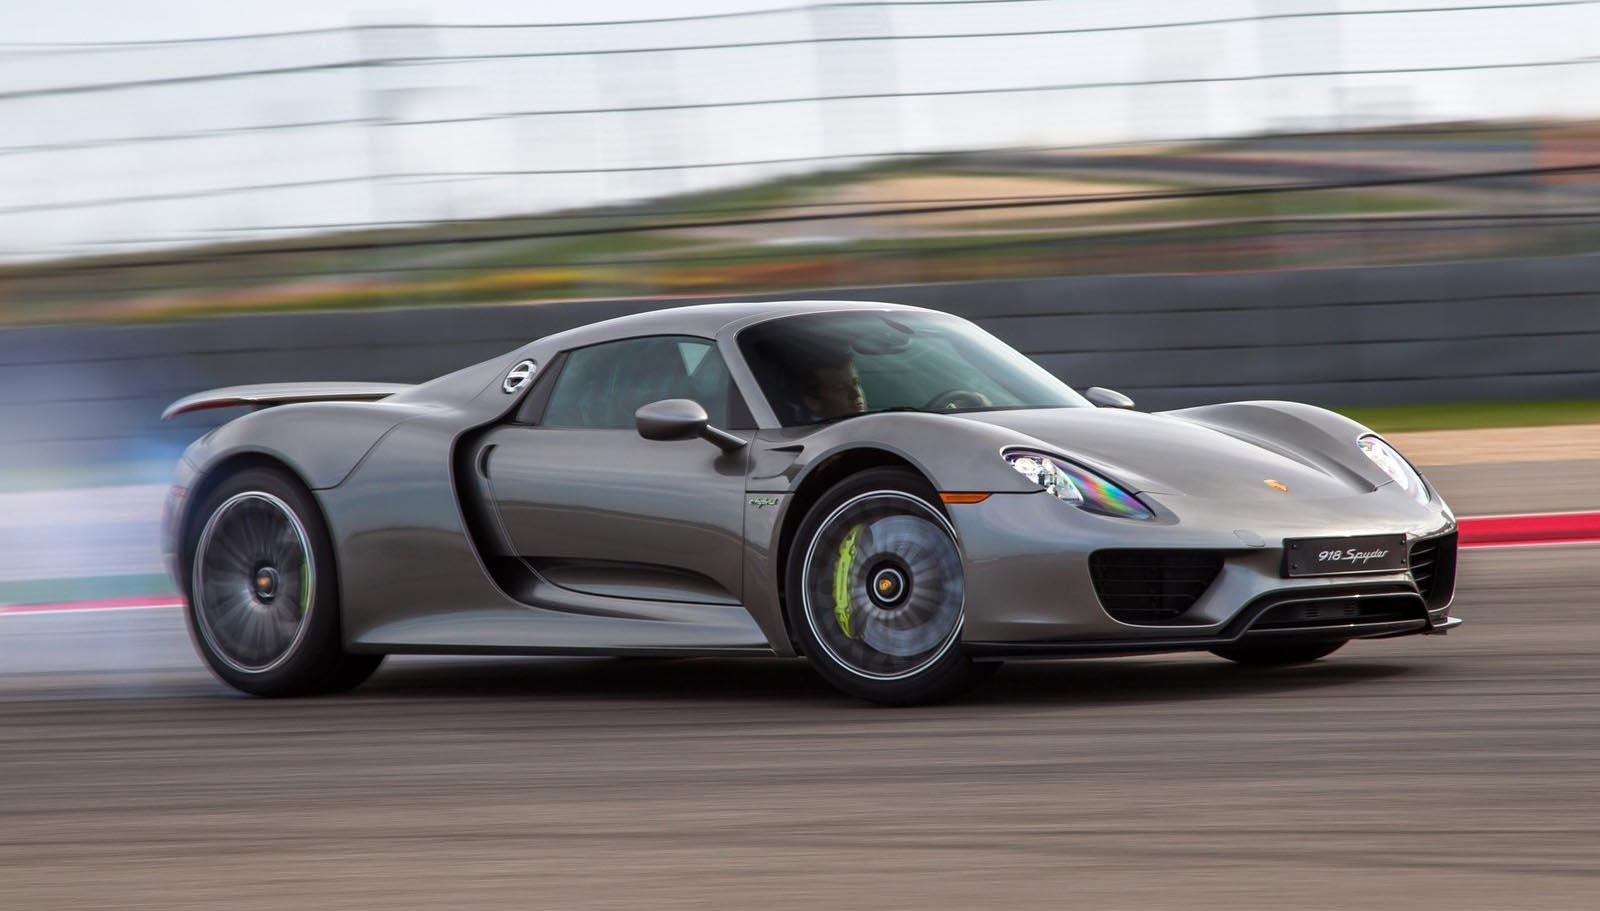 Наследникот на Porsche 918 Spyder ќе биде заеднички развој со Rimac Automobili?!